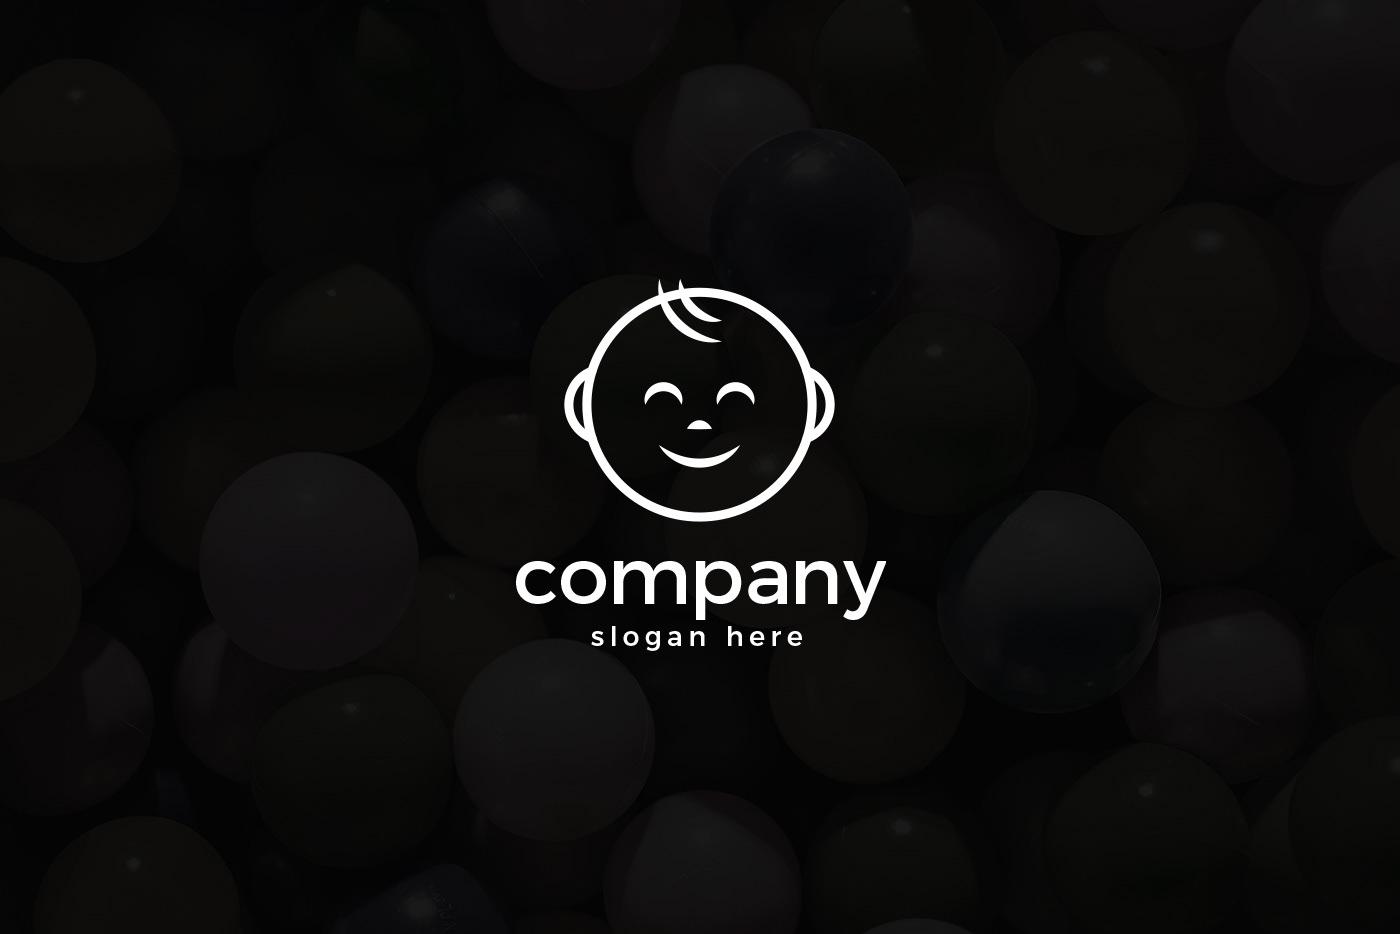 Image may contain: balloon, screenshot and cartoon